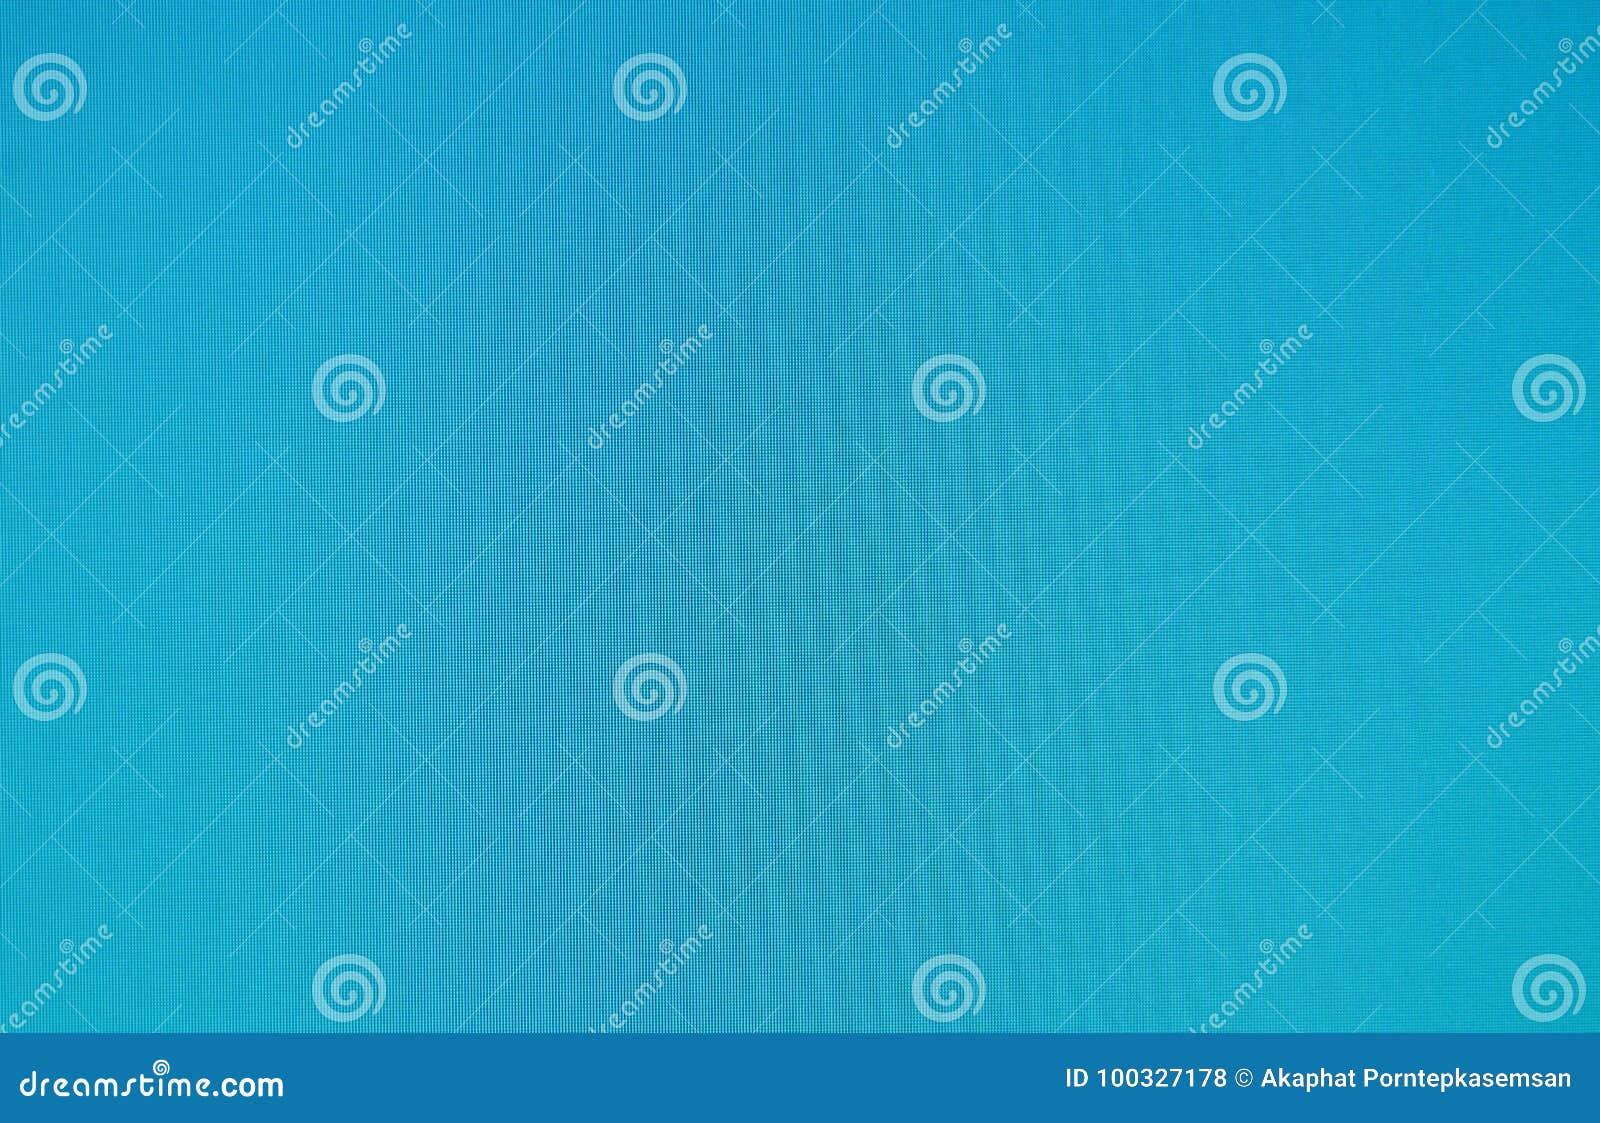 Μπλε χρώμα στο υπόβαθρο οθονών υπολογιστή LCD και σύσταση